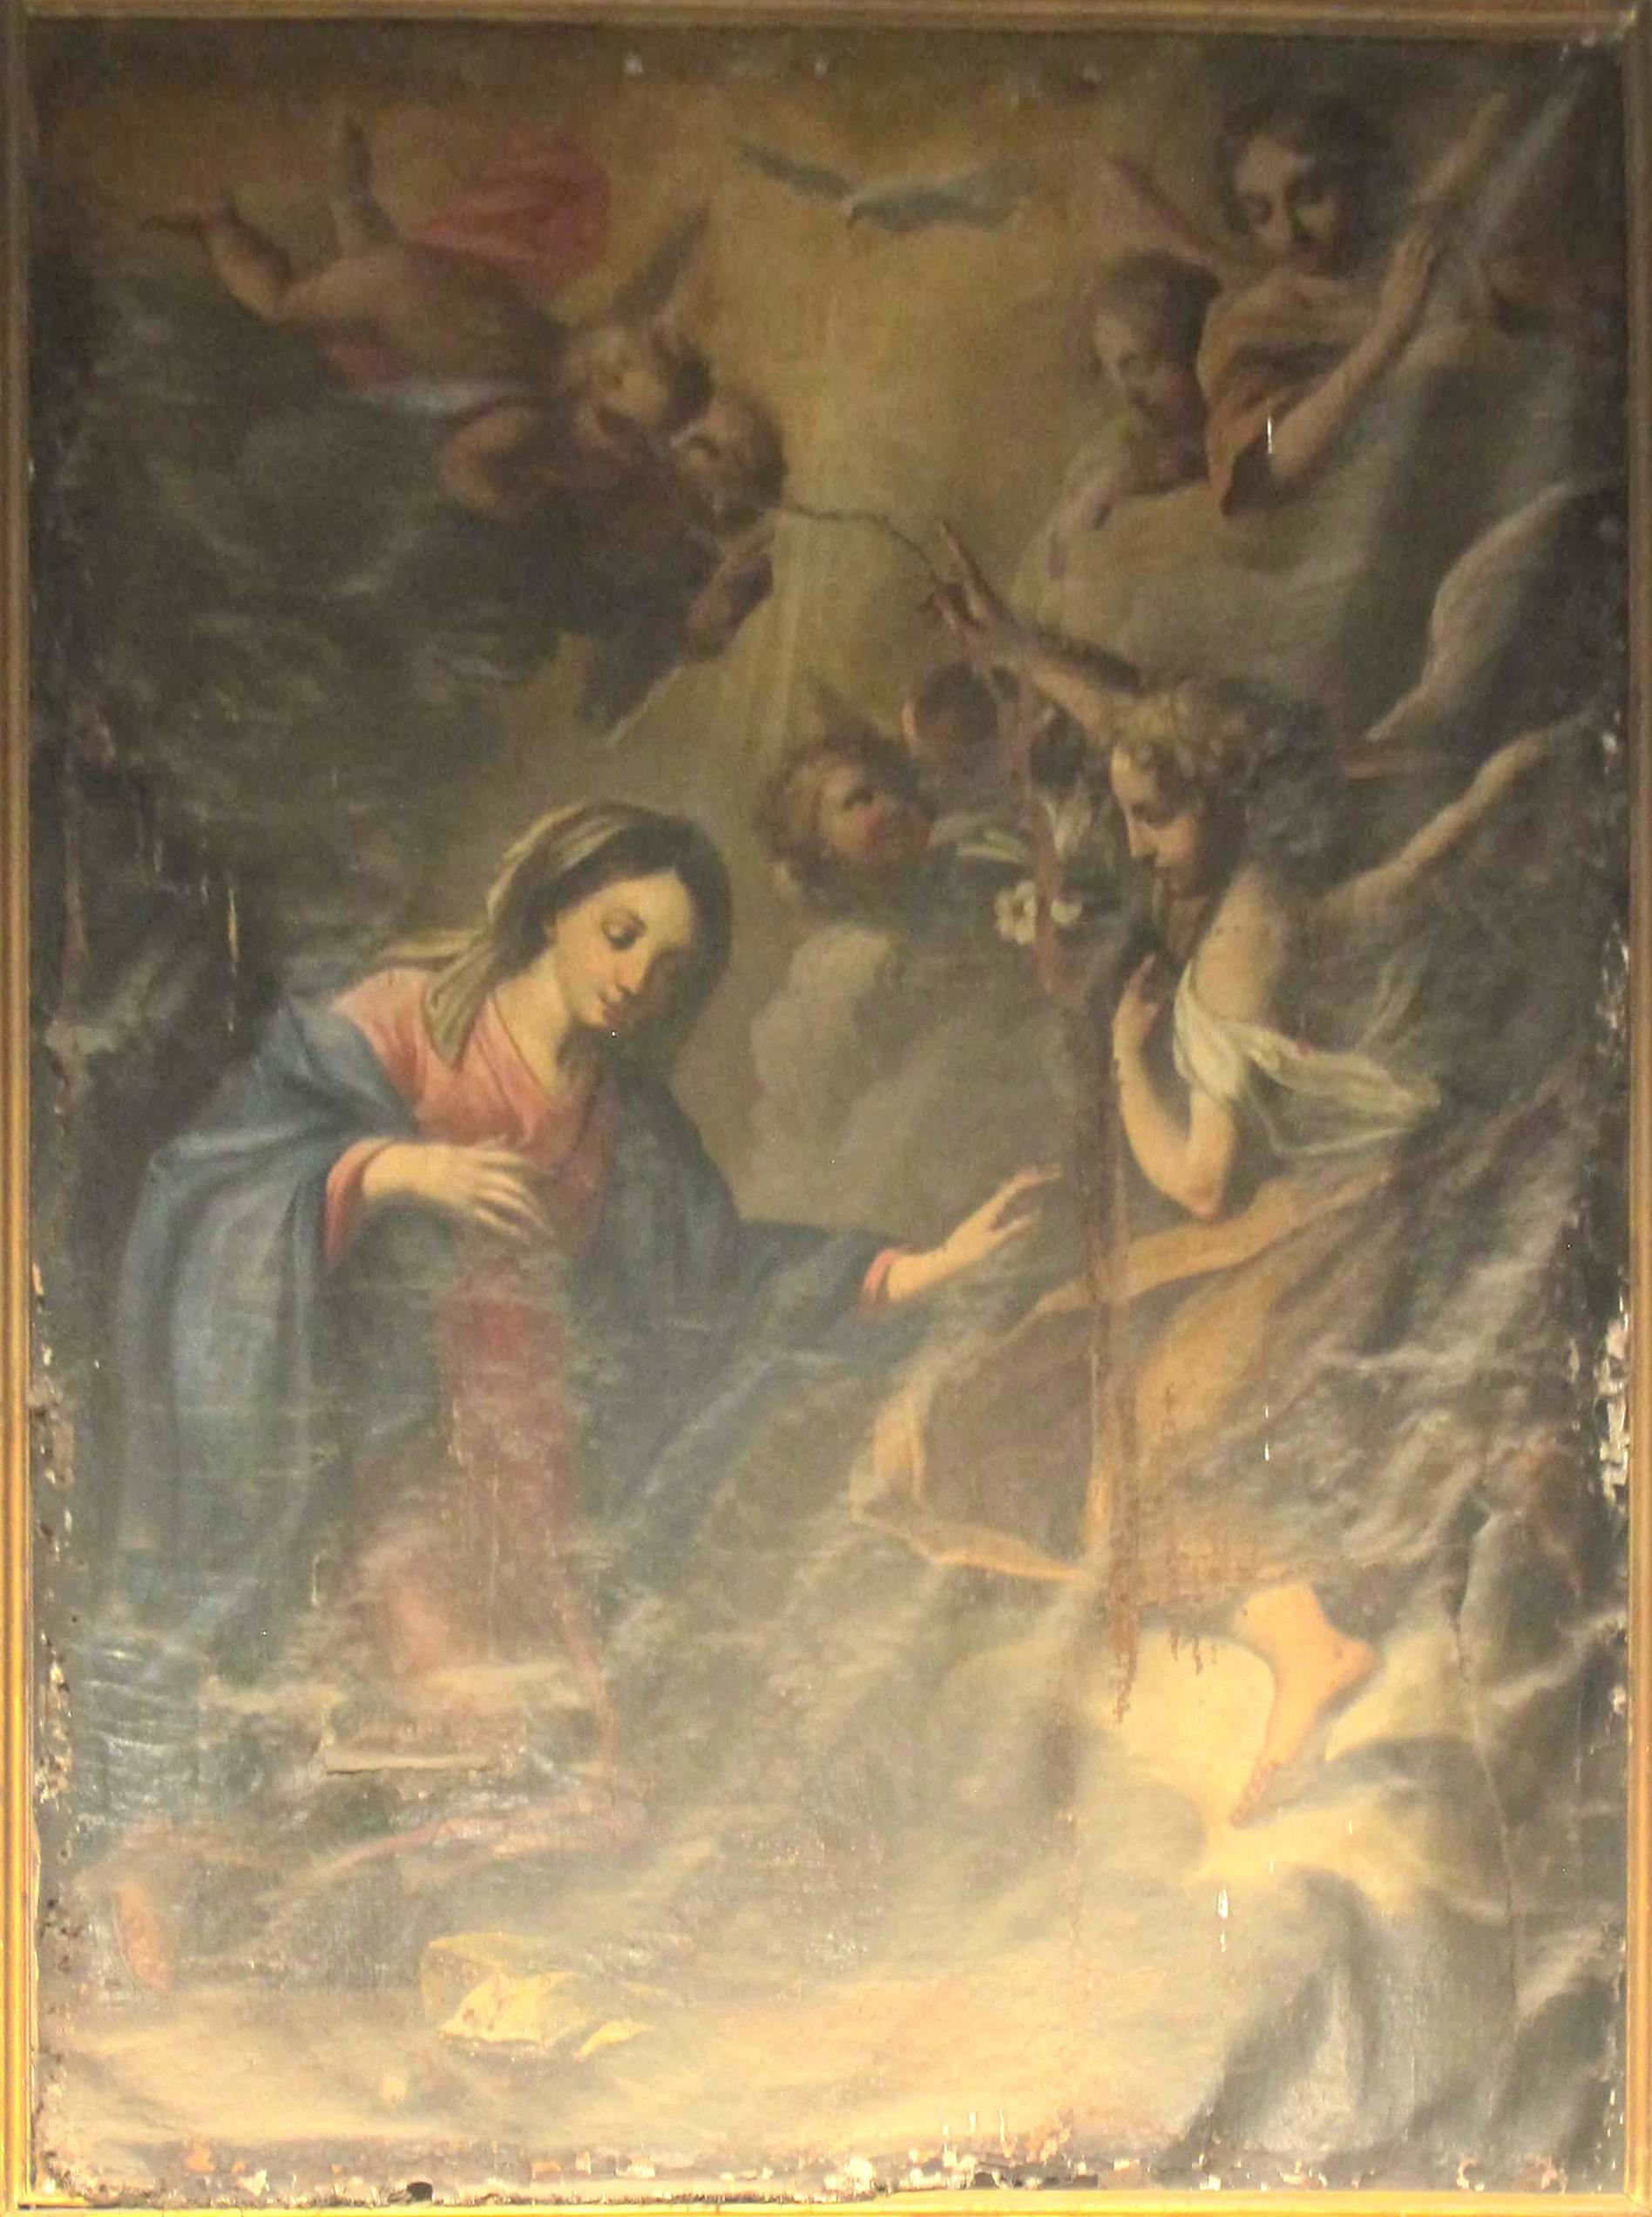 IGNOTO PITTORE LOMBARDO - PIEMONTESE, Annunciazione, (inizio XVII sec.)